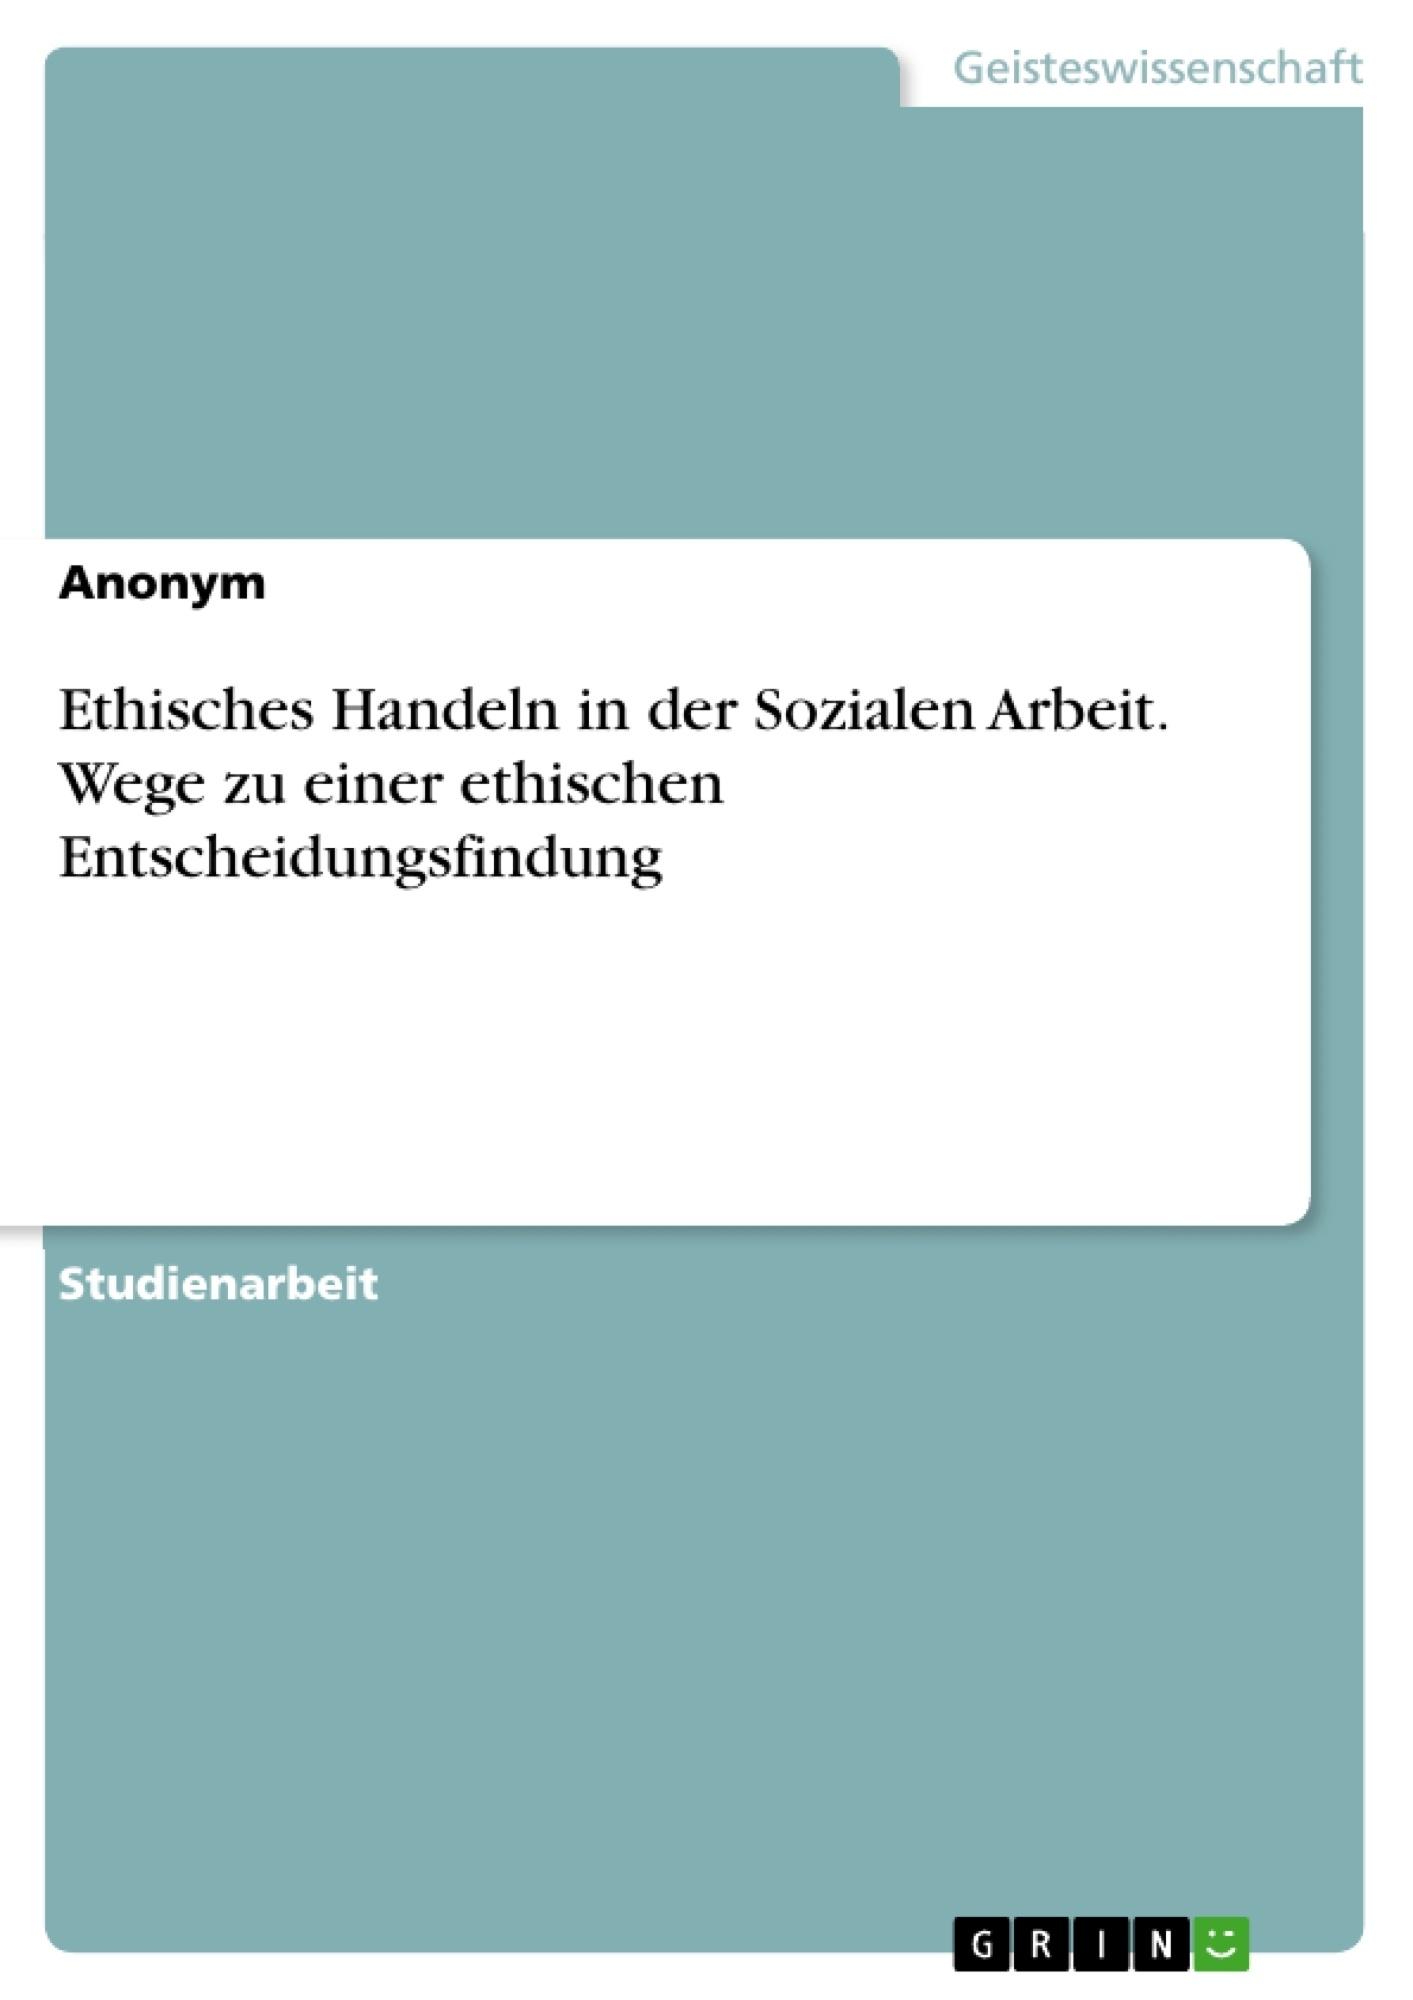 Titel: Ethisches Handeln in der Sozialen Arbeit. Wege zu einer ethischen Entscheidungsfindung